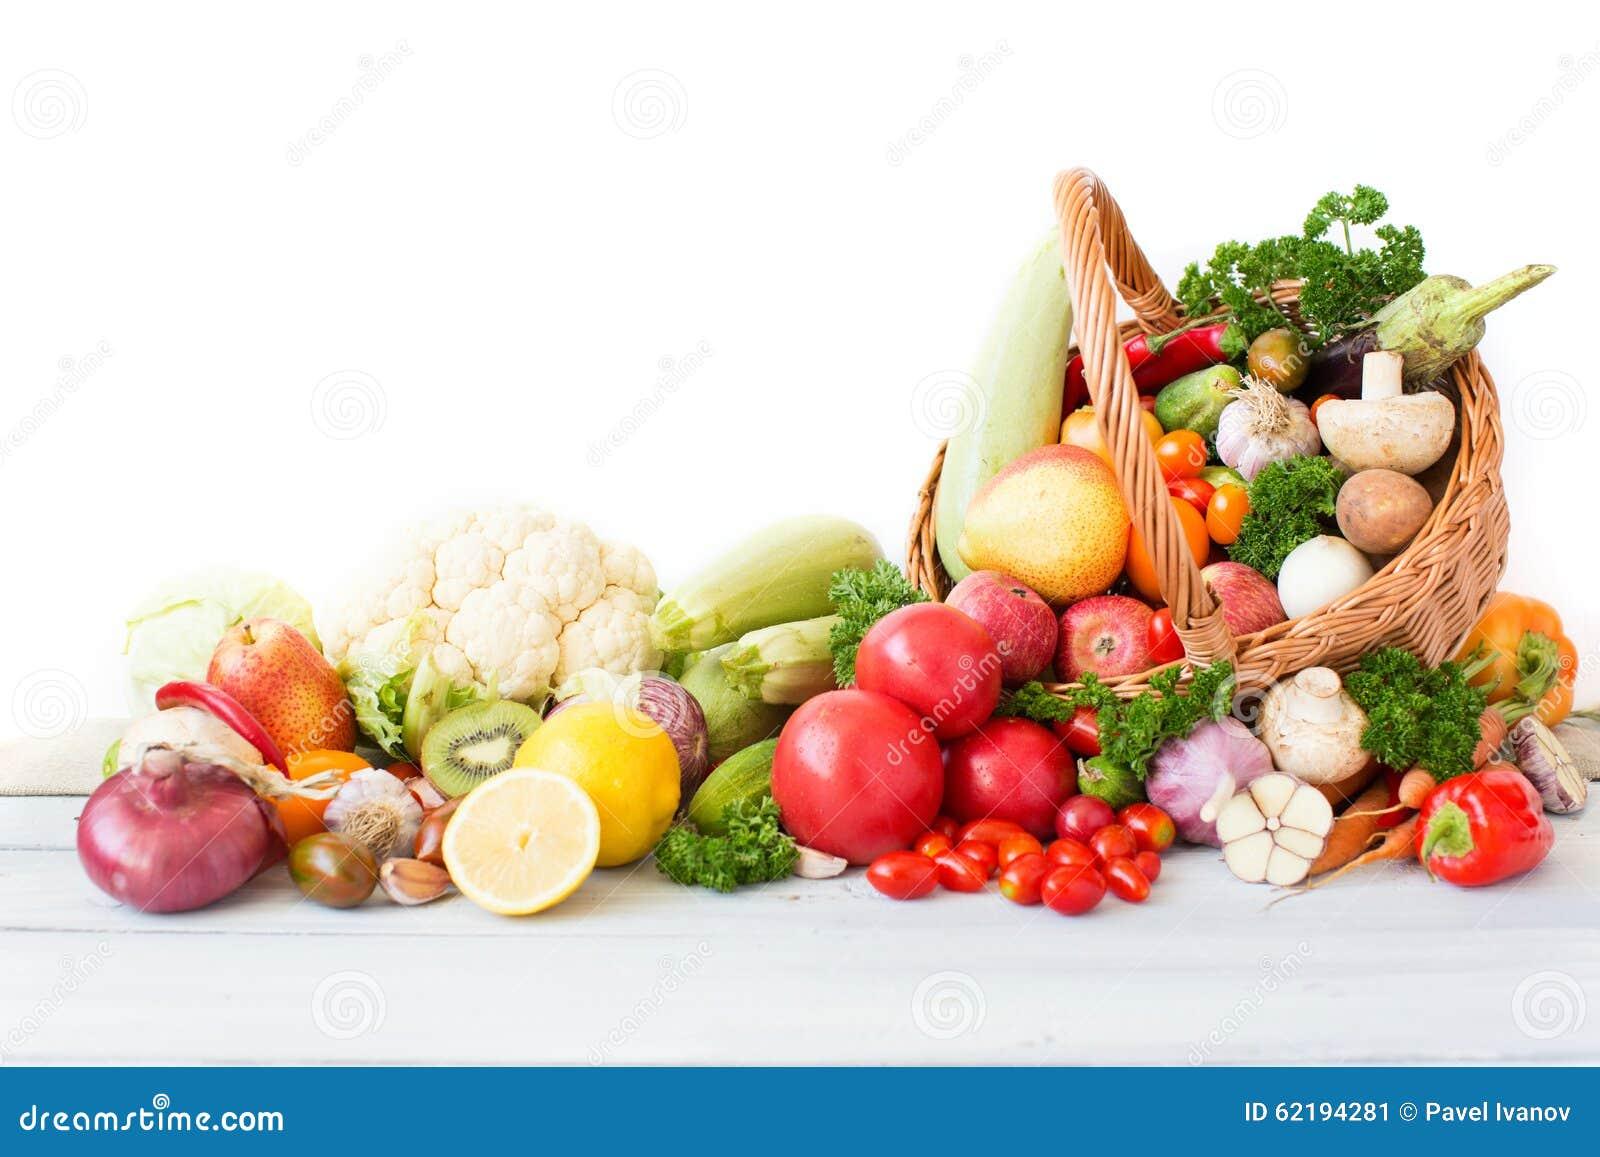 Что нельзя есть при циакалии